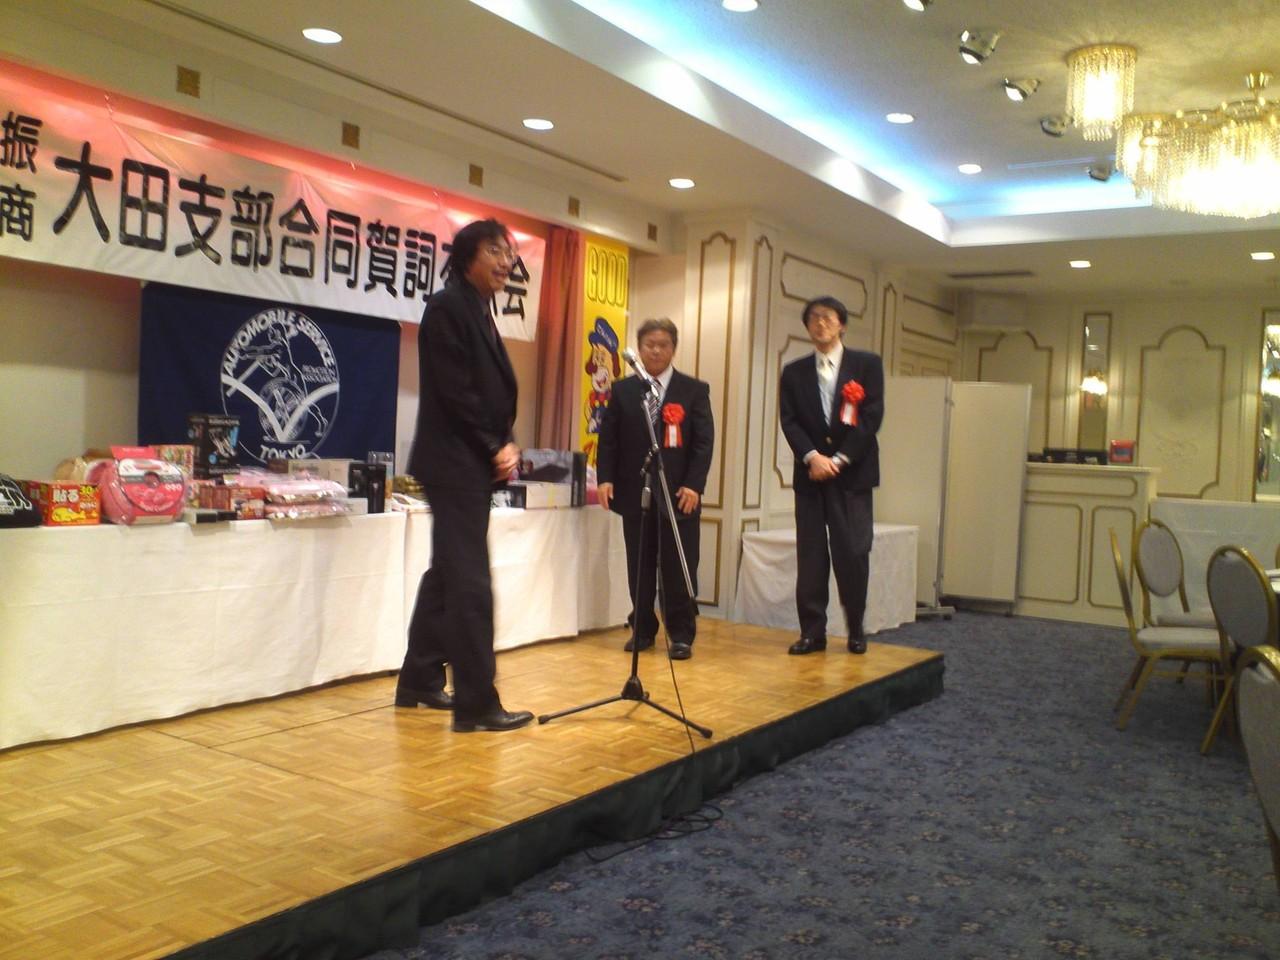 24年度優良整備士関東運輸局長表彰 受賞   渡辺光夫氏と鈴木光孝氏